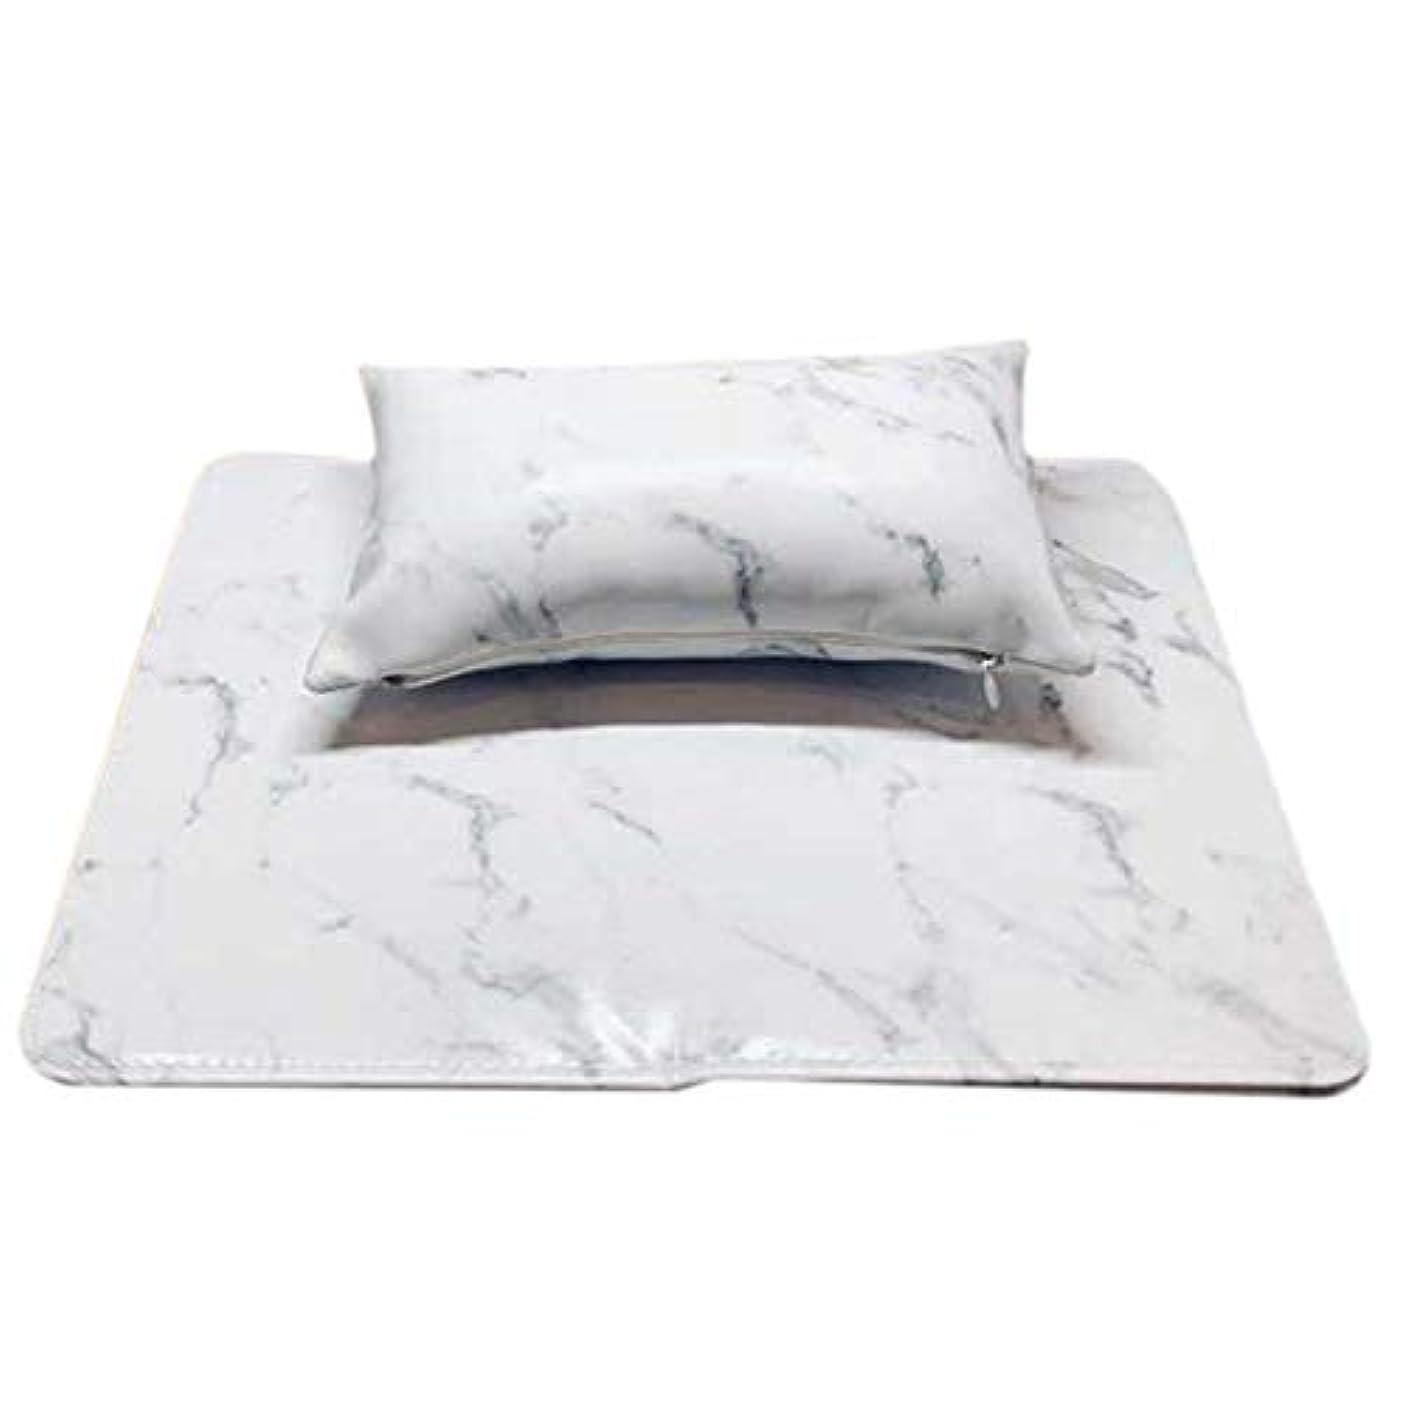 バング入手します上回るCUHAWUDBA マニキュアツール ソフトハンドクッション枕とパッドレストネイルアートアームレストホルダー マニキュアネイルアートアクセサリーレザー(2個 一体化)ホワイト